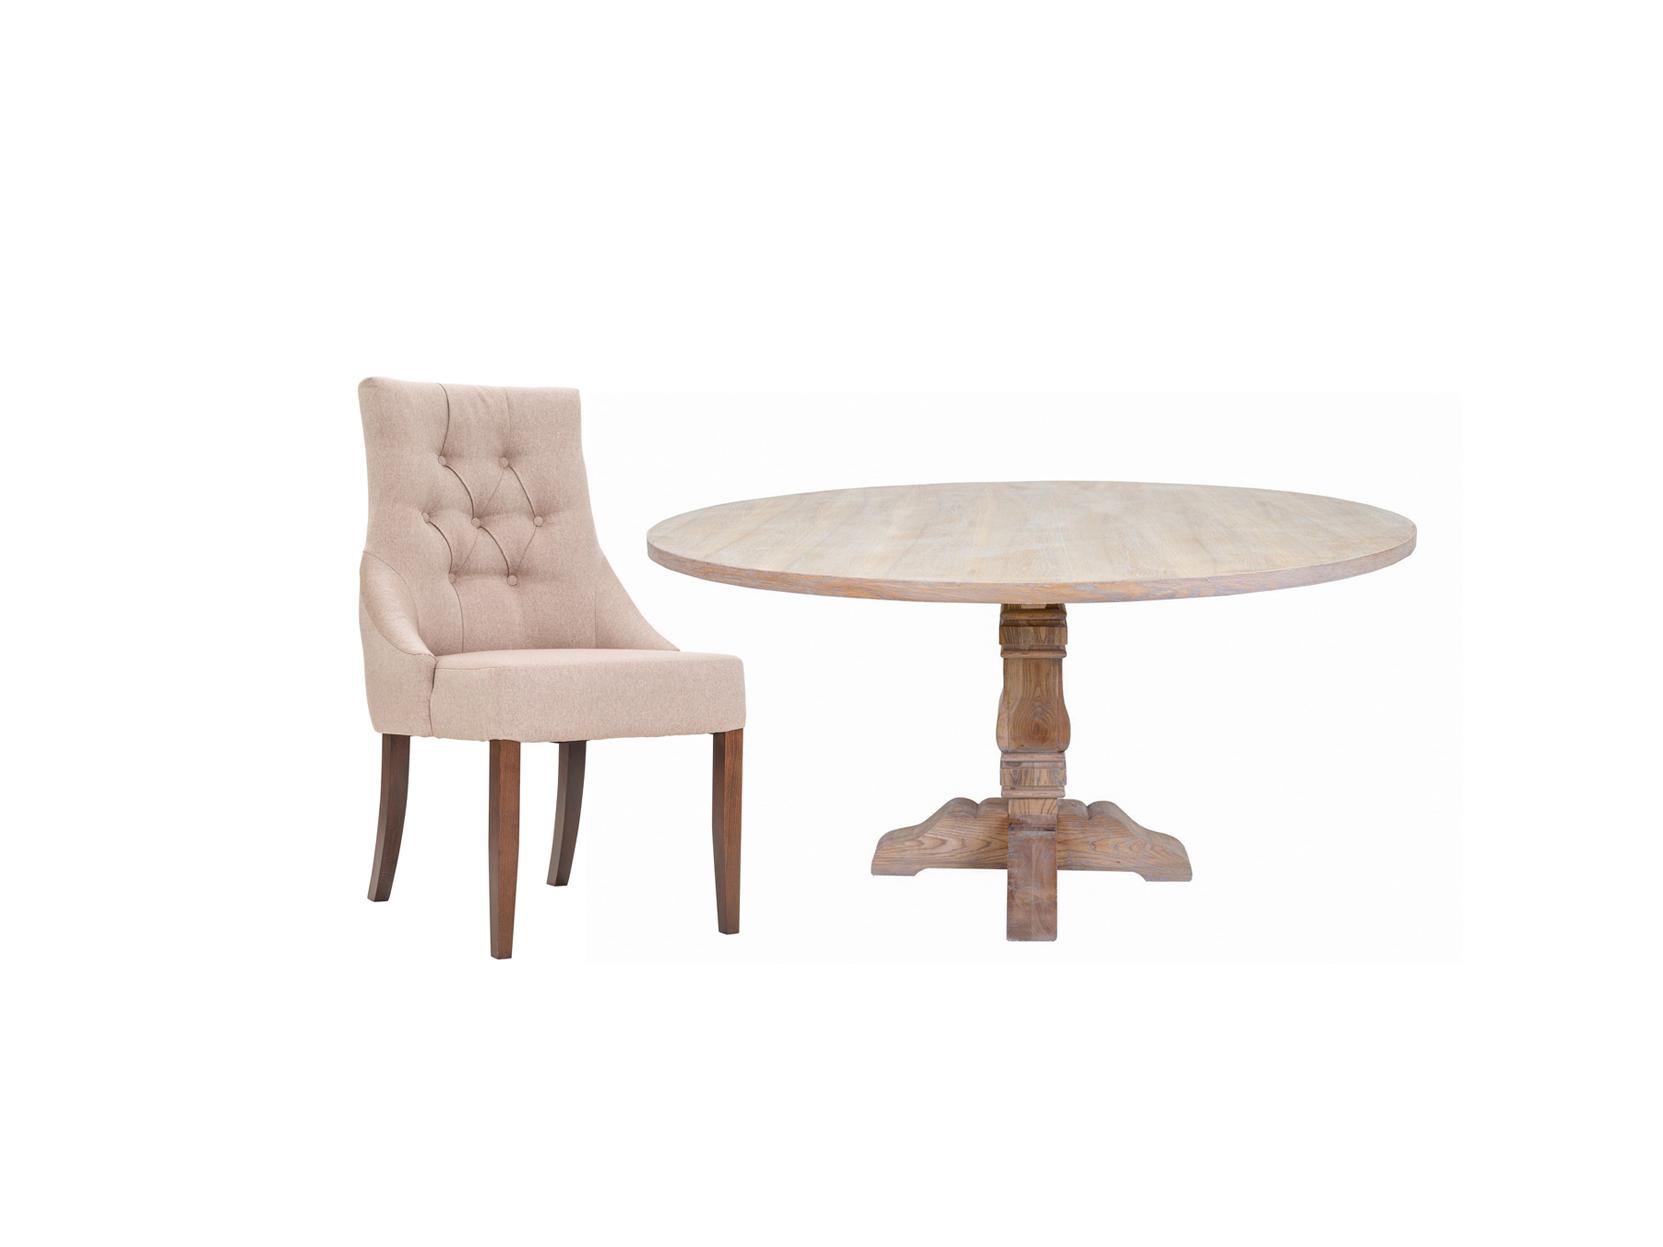 Обеденная группа Lagan (стол + 6 стульев)Комплекты для столовой<br>&amp;lt;div&amp;gt;&amp;lt;div&amp;gt;Красивый обеденный стол Lagan идеально впишется в интерьер вашей столовой. Изящная резная ножка и круглая столешница никого не оставит равнодушным!&amp;amp;nbsp;&amp;lt;span style=&amp;quot;font-size: 14px;&amp;quot;&amp;gt;Экоматериалы из которых выполнено полукресло, позволит соблюсти чистоту дизайна и подчеркнуть его детали. Данный комплект - роскошный вариант для гостиной!&amp;lt;/span&amp;gt;&amp;lt;/div&amp;gt;&amp;lt;div&amp;gt;&amp;lt;span style=&amp;quot;font-size: 14px;&amp;quot;&amp;gt;&amp;lt;br&amp;gt;&amp;lt;/span&amp;gt;&amp;lt;/div&amp;gt;&amp;lt;div&amp;gt;&amp;lt;span style=&amp;quot;font-size: 14px;&amp;quot;&amp;gt;Размеры стола : 152/76 см.&amp;lt;/span&amp;gt;&amp;lt;br&amp;gt;&amp;lt;/div&amp;gt;&amp;lt;div&amp;gt;&amp;lt;span style=&amp;quot;font-size: 14px;&amp;quot;&amp;gt;Материалы стола: основание из дуба, столешница из МДФ и шпона&amp;lt;/span&amp;gt;&amp;lt;br&amp;gt;&amp;lt;/div&amp;gt;&amp;lt;div&amp;gt;Размеры стула: 52/102/70 см.&amp;lt;/div&amp;gt;&amp;lt;div&amp;gt;&amp;lt;span style=&amp;quot;font-size: 14px;&amp;quot;&amp;gt;Высота сиденья: 48 см.&amp;lt;/span&amp;gt;&amp;lt;br&amp;gt;&amp;lt;/div&amp;gt;&amp;lt;div&amp;gt;&amp;lt;span style=&amp;quot;font-size: 14px;&amp;quot;&amp;gt;Материалы стула: орех, текстиль.&amp;lt;/span&amp;gt;&amp;lt;br&amp;gt;&amp;lt;/div&amp;gt;&amp;lt;div&amp;gt;&amp;lt;br&amp;gt;&amp;lt;/div&amp;gt;&amp;lt;/div&amp;gt;&amp;lt;div&amp;gt;&amp;lt;br&amp;gt;&amp;lt;/div&amp;gt;<br><br>Material: Дуб<br>Высота см: 76